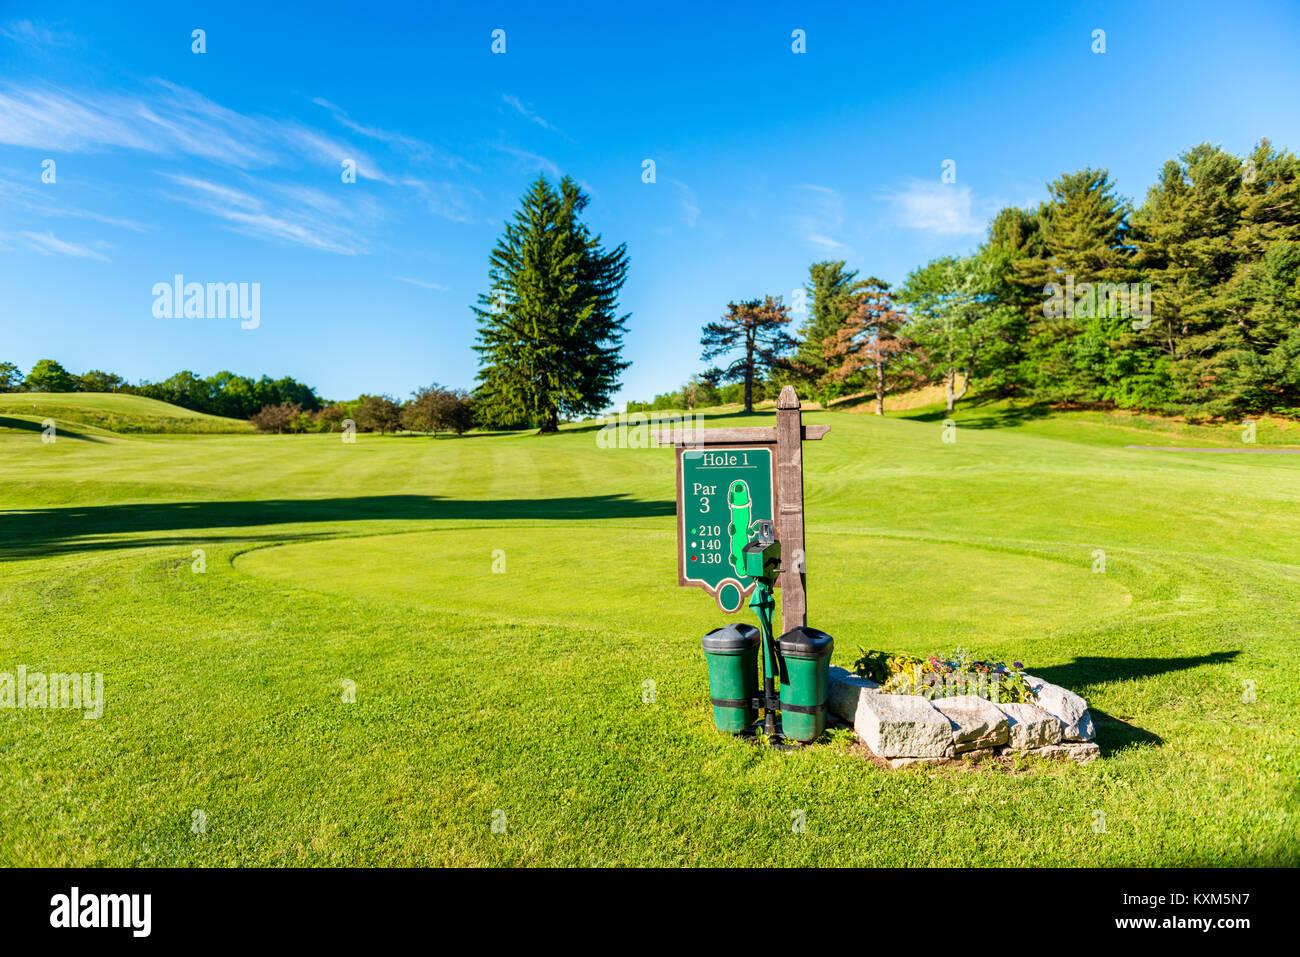 Il raccordo a t al primo foro del campo da Golf in Upstate New York, Stati Uniti d'America Immagini Stock